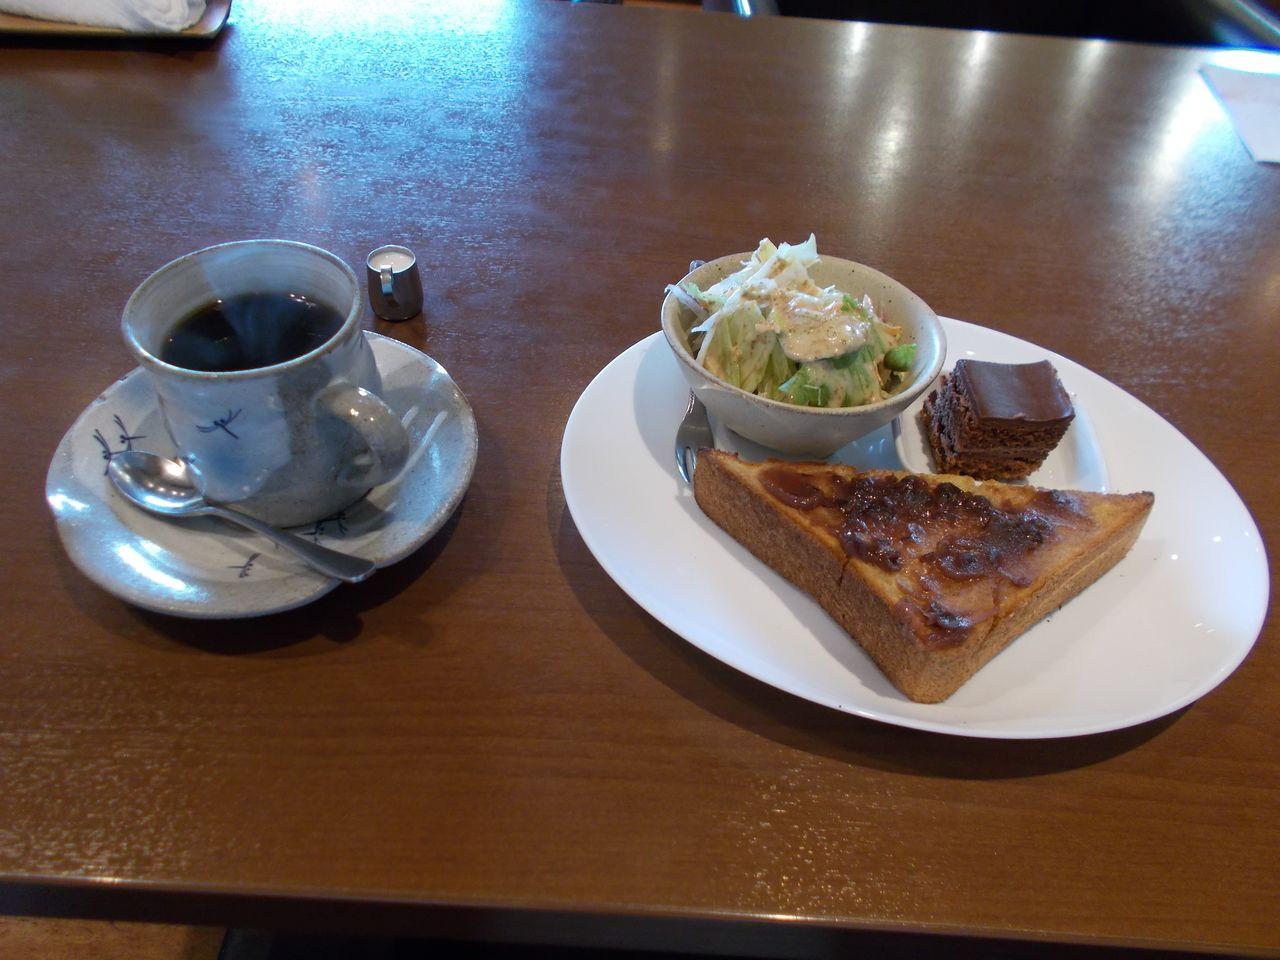 小倉あんとサラダを選びました。小倉あんのトーストとコーヒーの組み合わせは鉄板です。